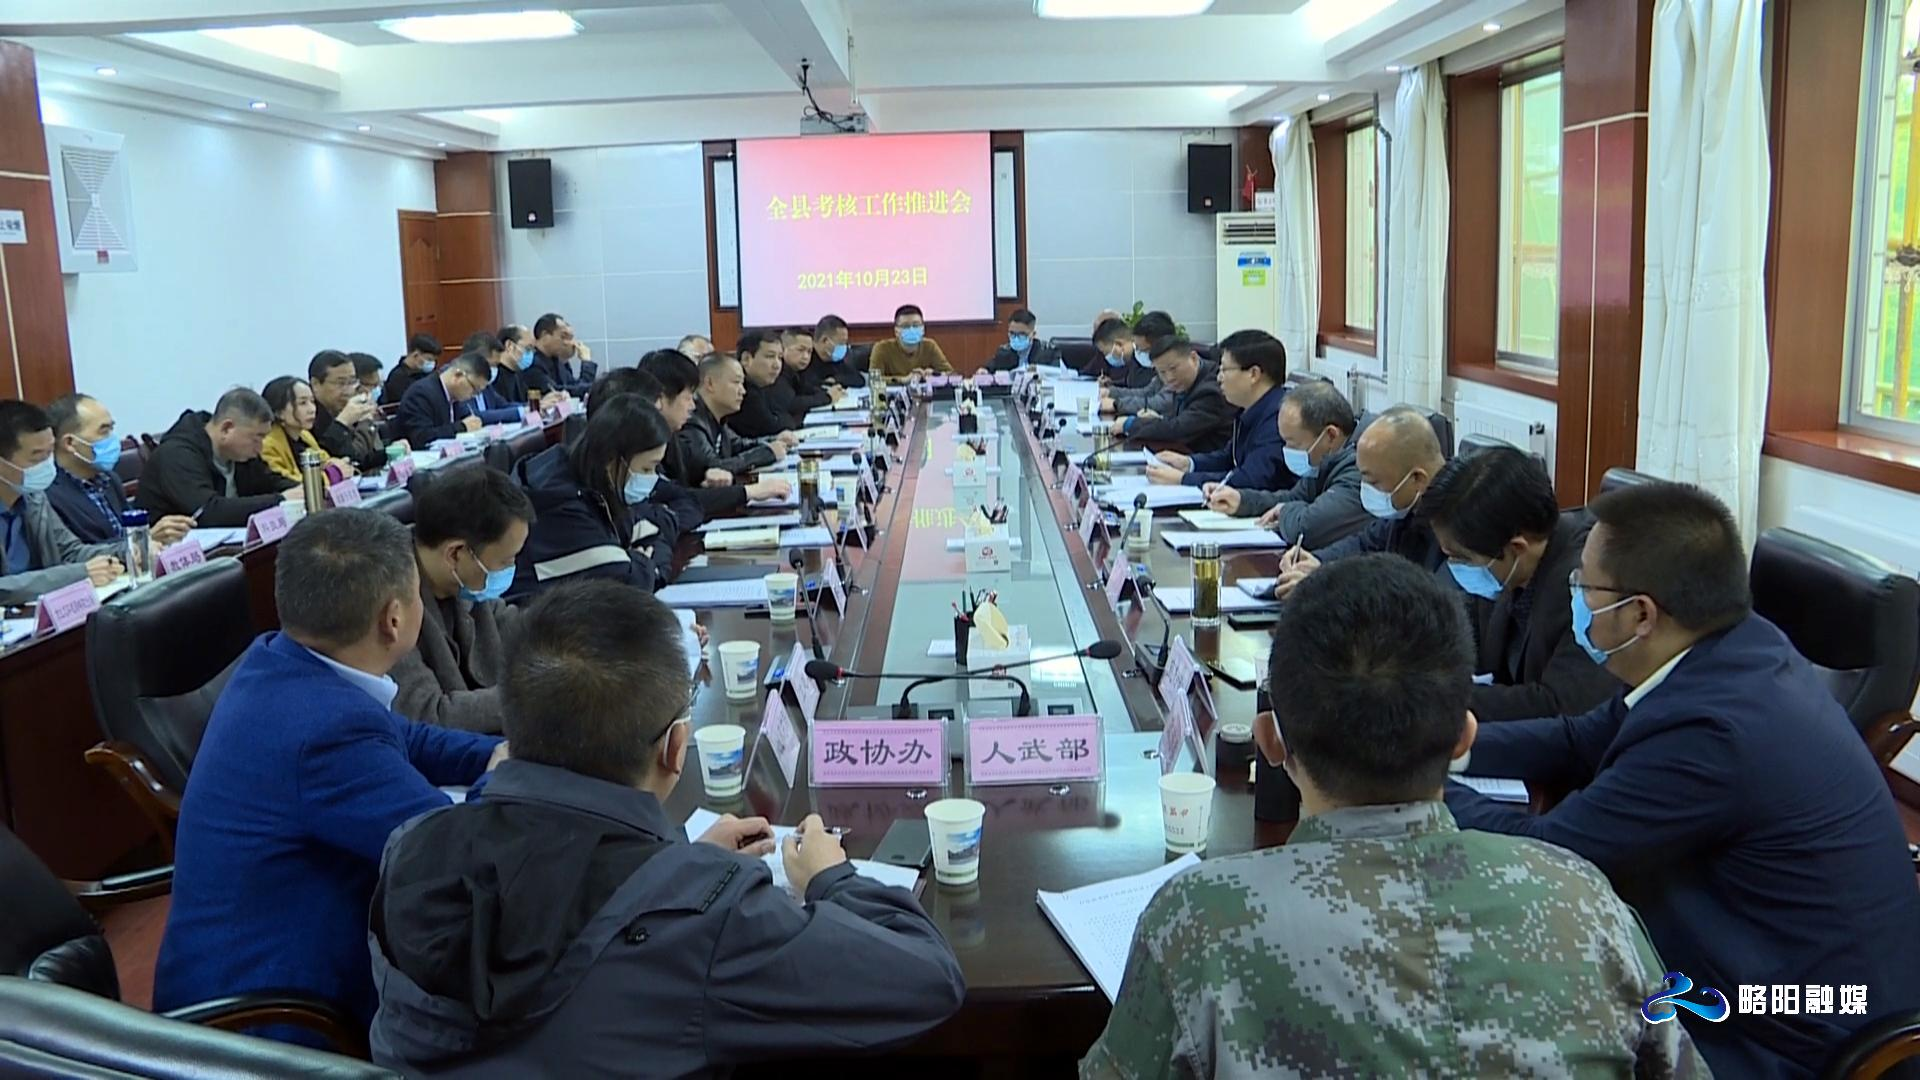 略阳县如何冲刺全年目标任务  这场会议划重点